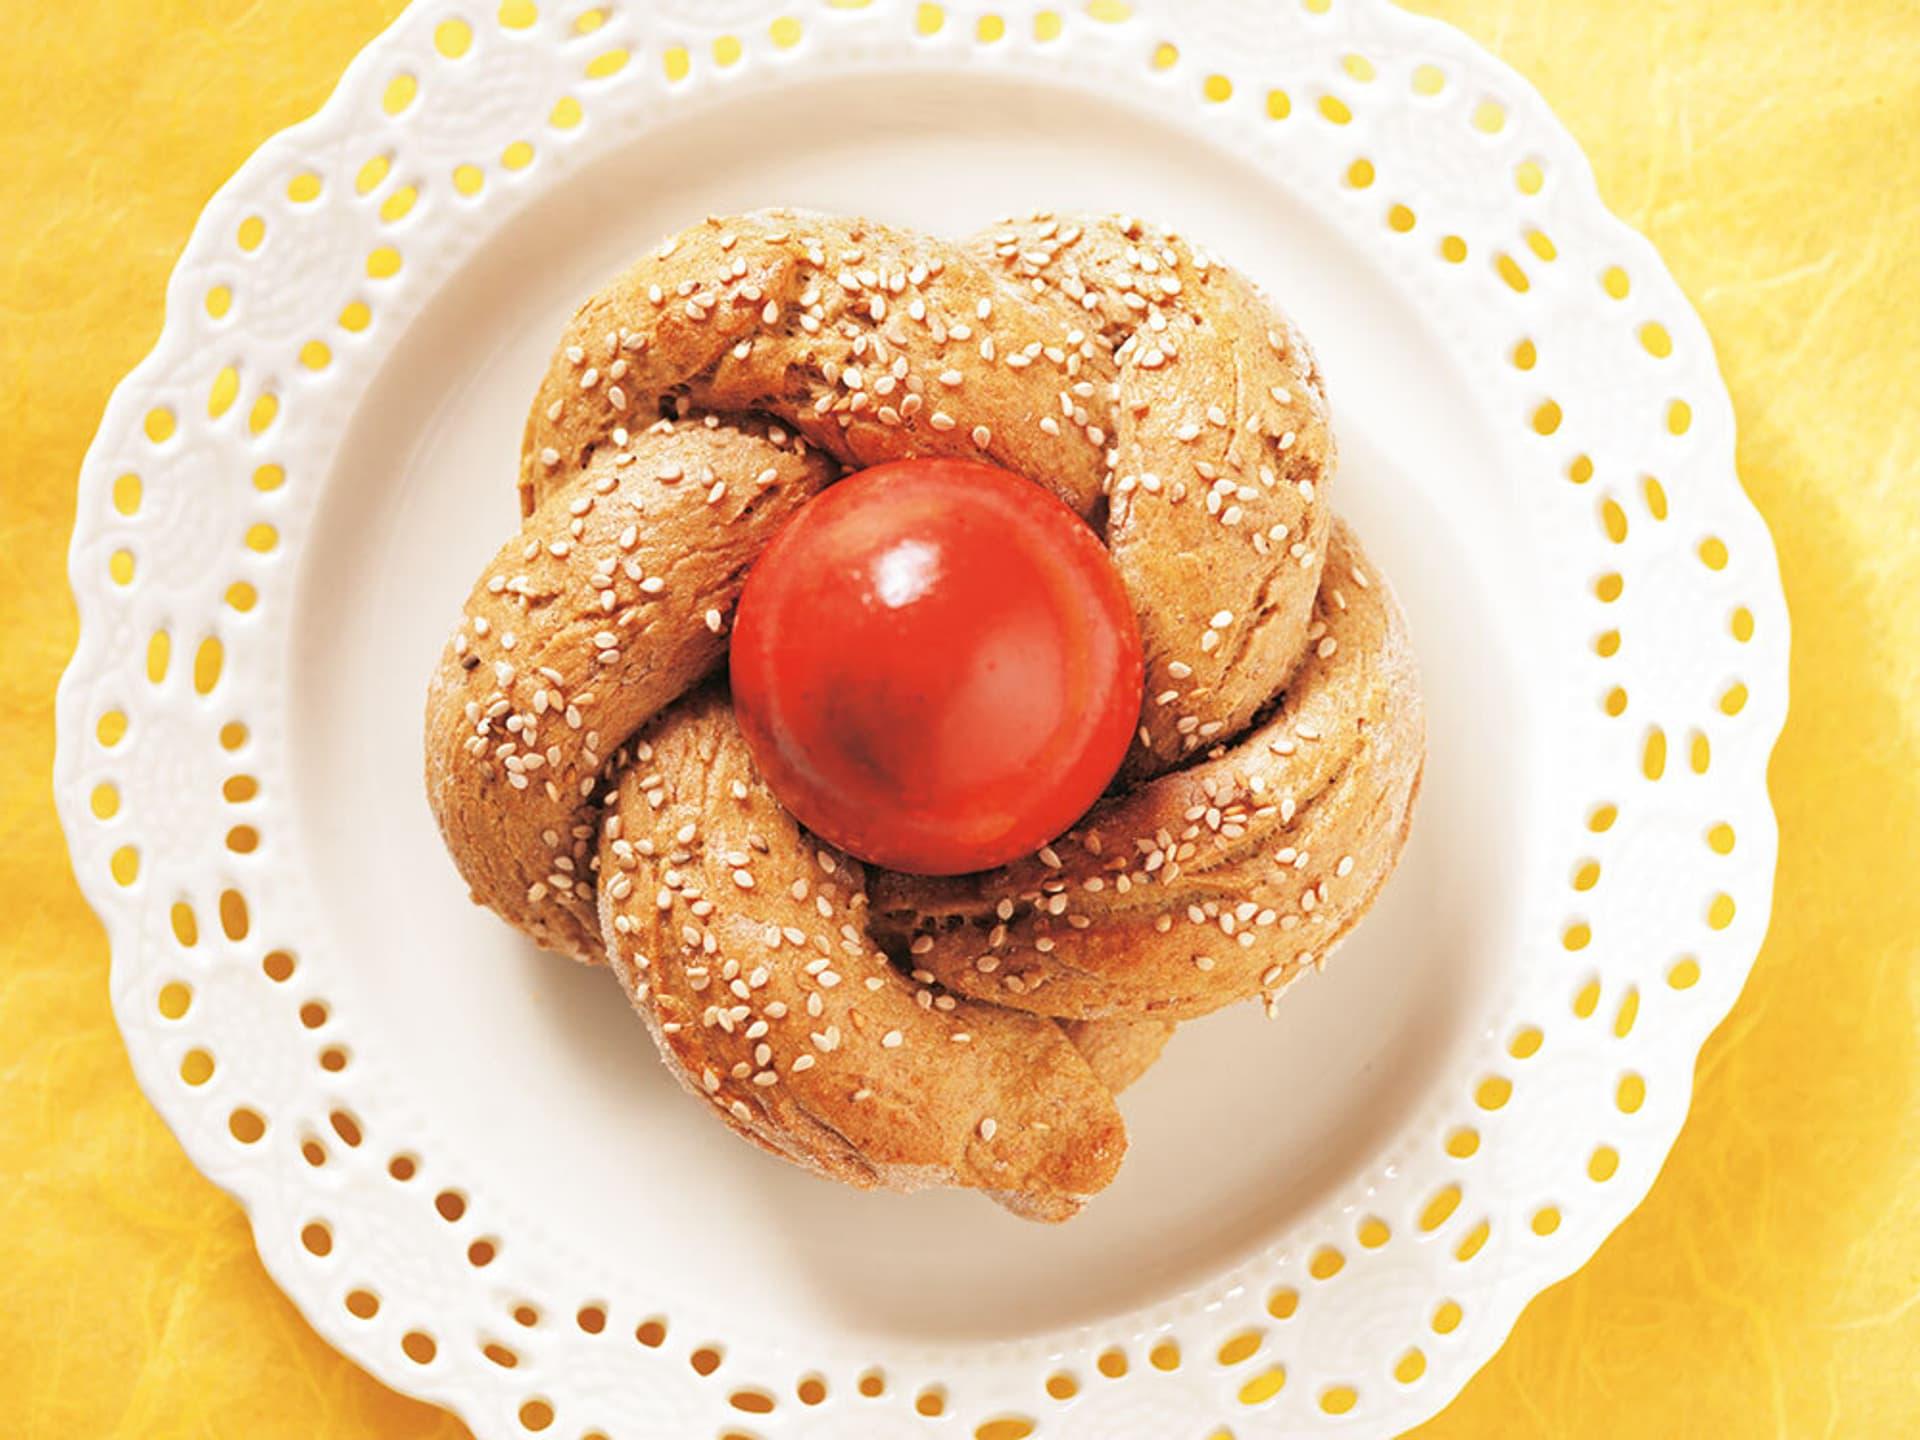 Ein Stück nestförmiges, mit Sesam bestreutes Hefegebäck, in dem ein rot gefärbtes Osterei sitzt